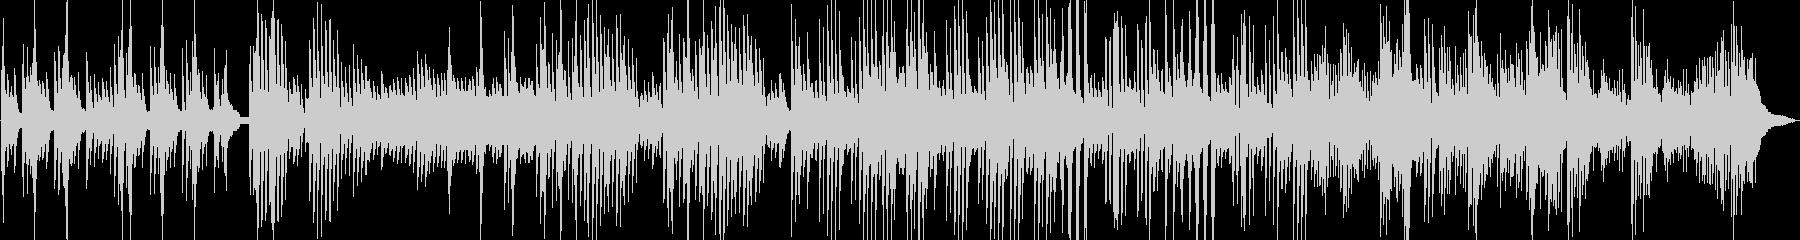 深海に降る雪 幻想的なピアノ曲の未再生の波形